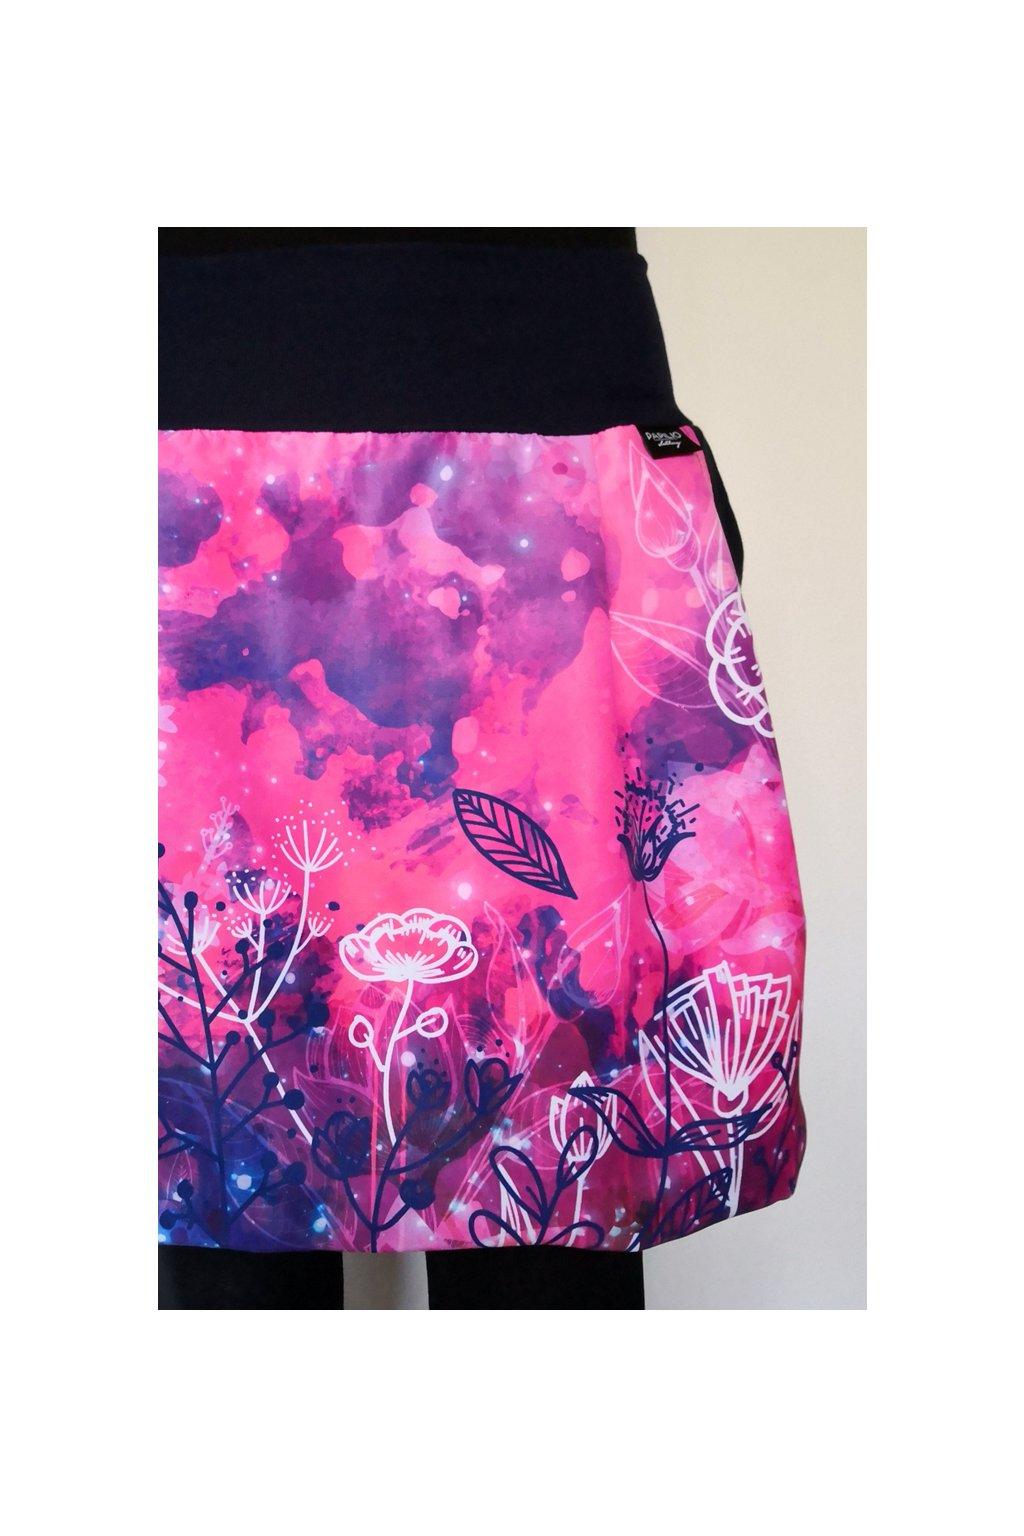 Balonová sukně Růžové květy | micropeach